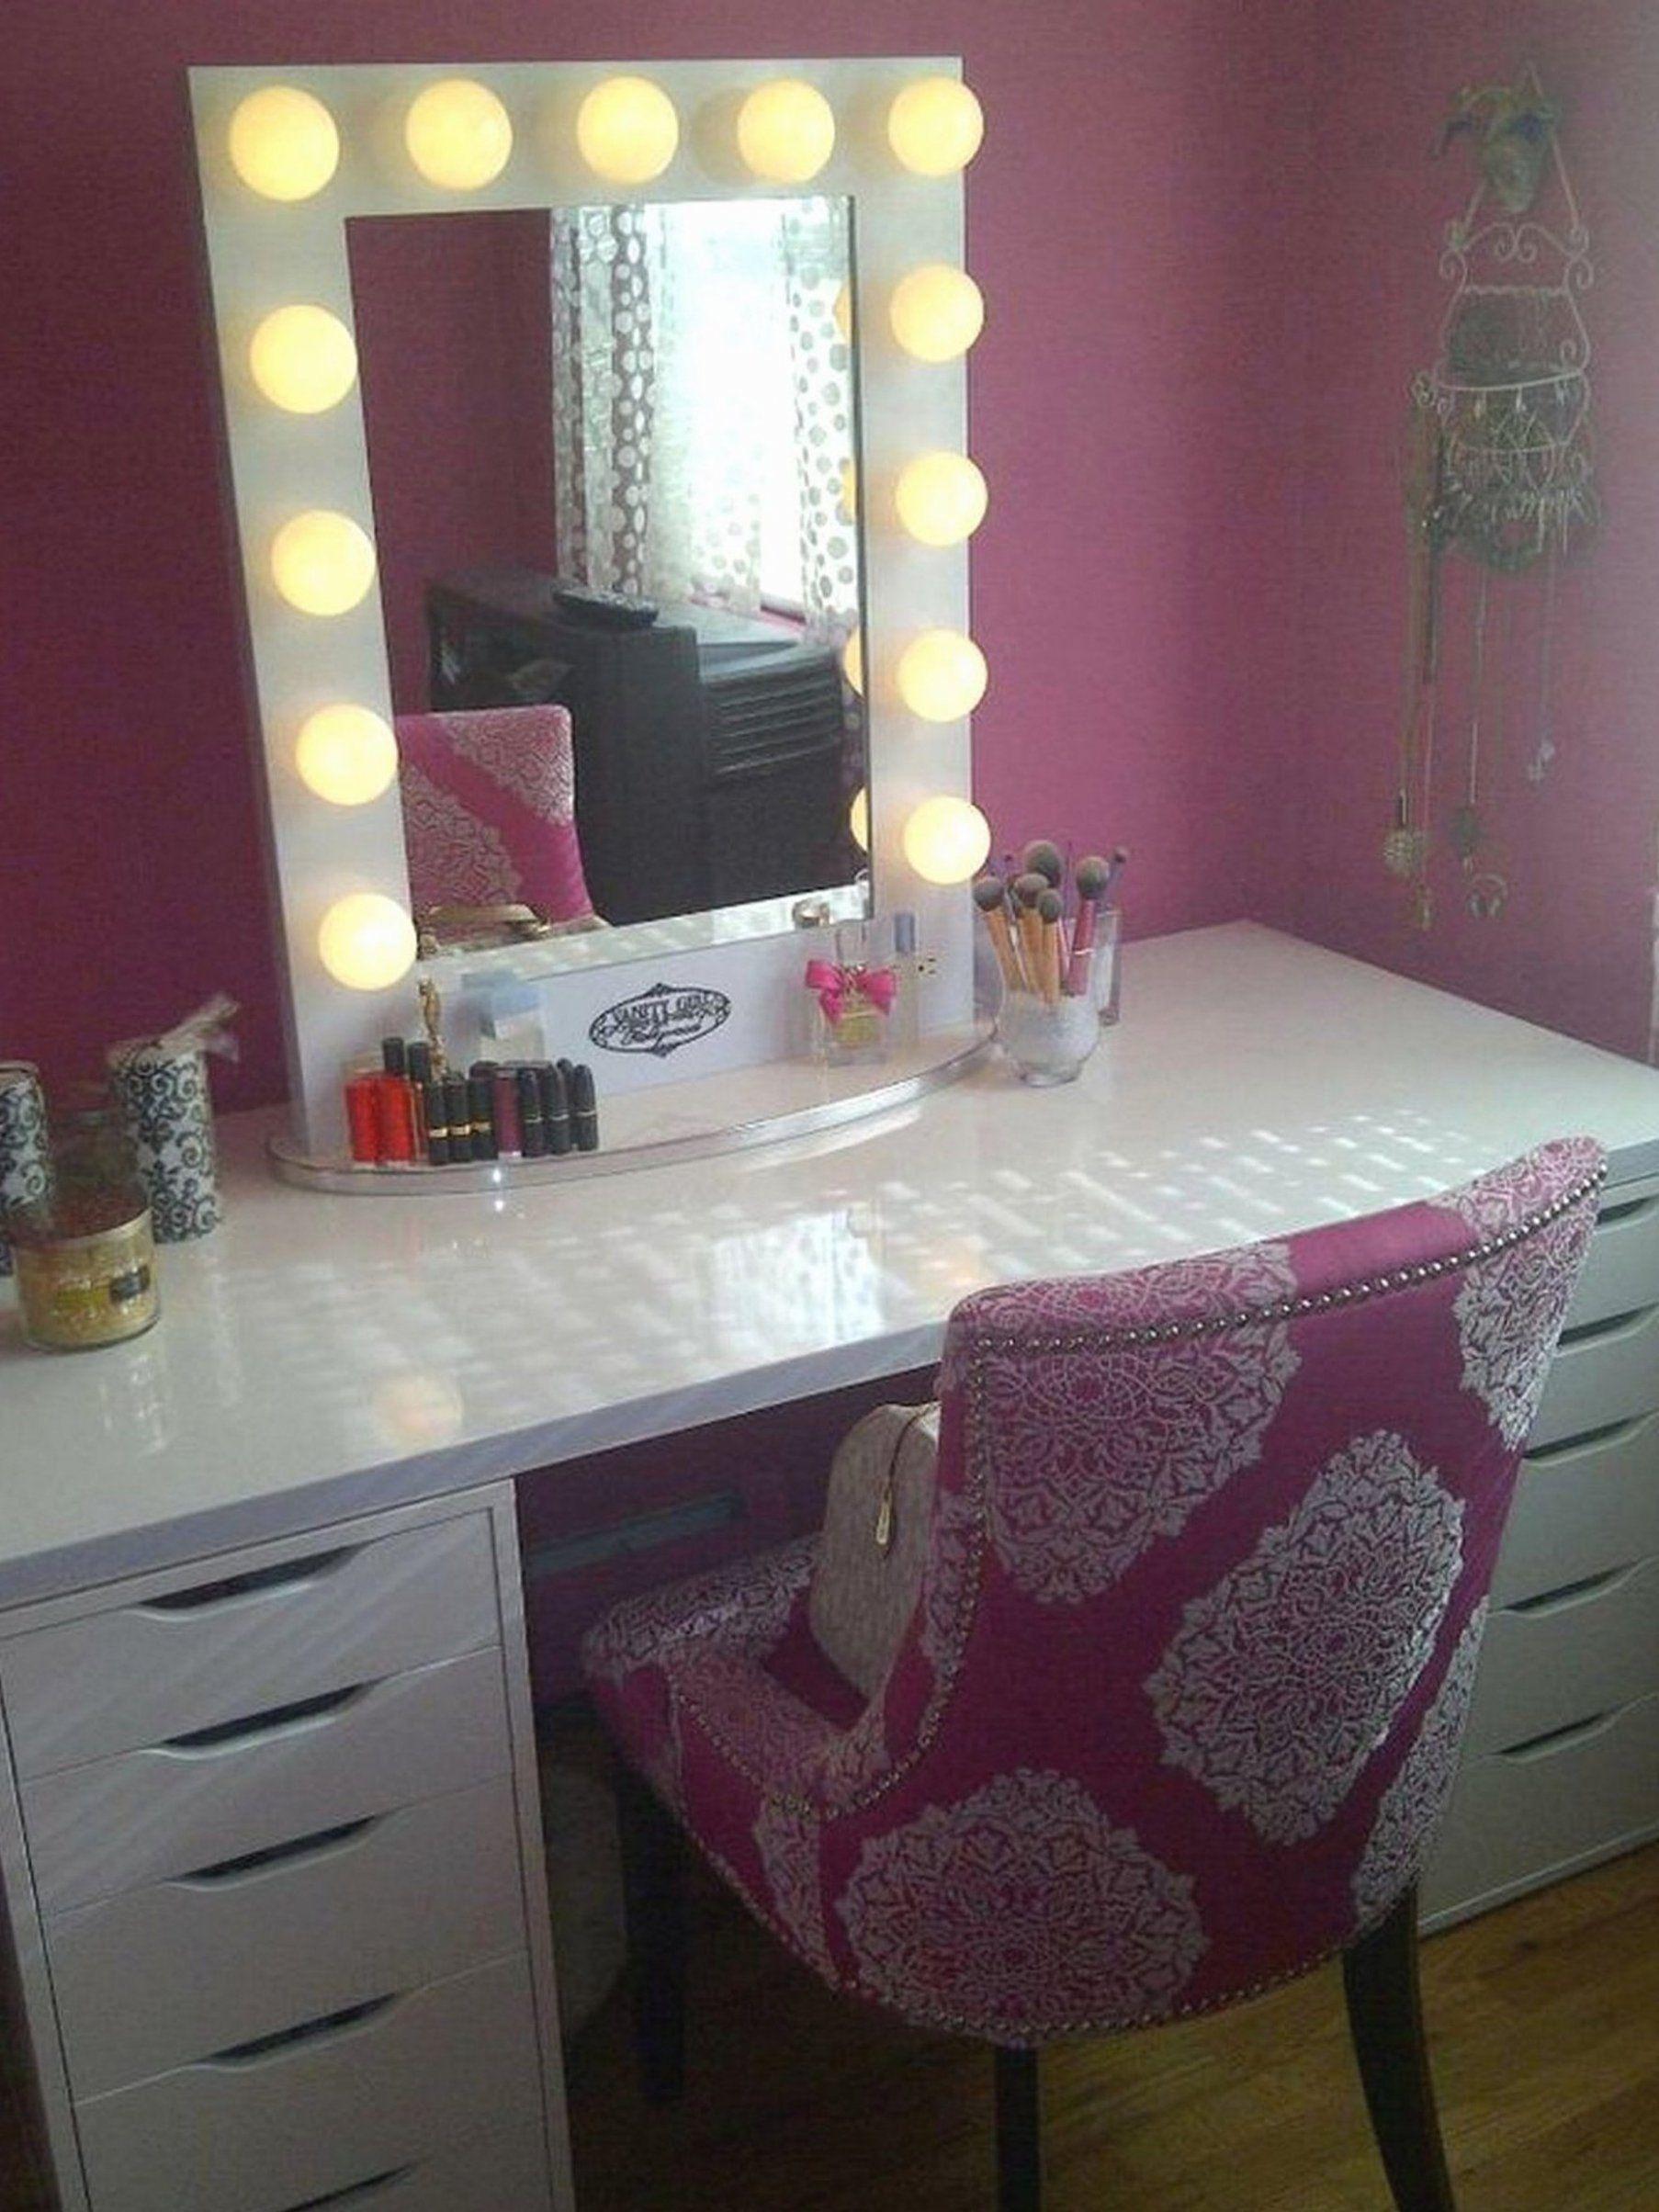 Bedroom Vanity No Mirror New Bedroom Snazzy Makeup Vanity With Drawers And Mirror Beautytutorials Ba In 2020 Bedroom Vanity Set Bedroom Vanity With Lights Vanity Set